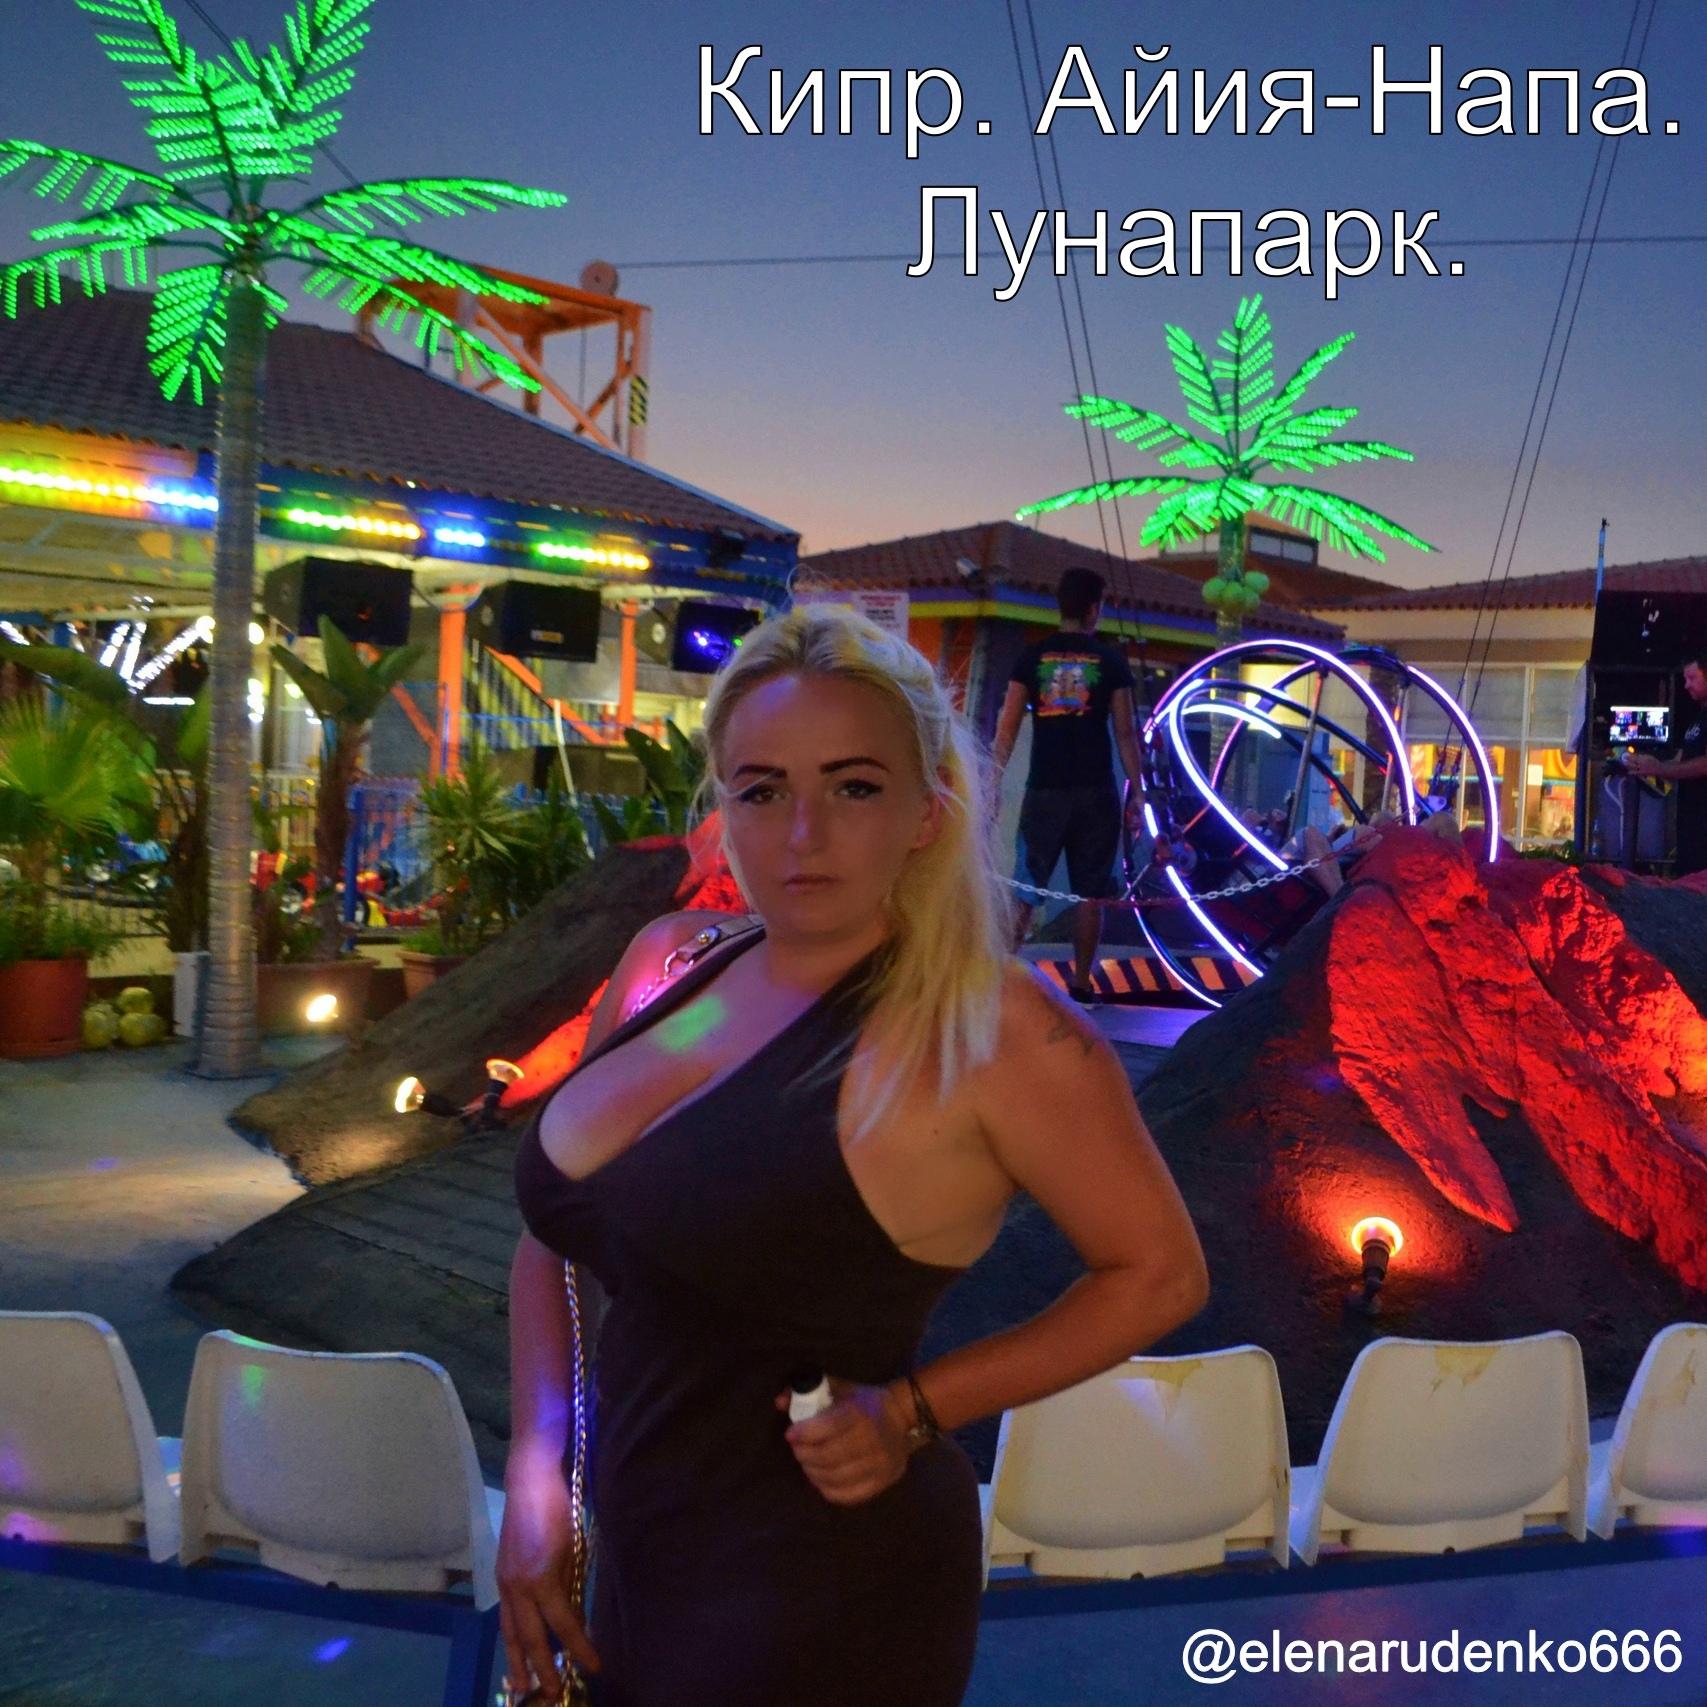 Хиккадува - Интересные места в которых я побывала (Елена Руденко). YBJF4kFE0vo